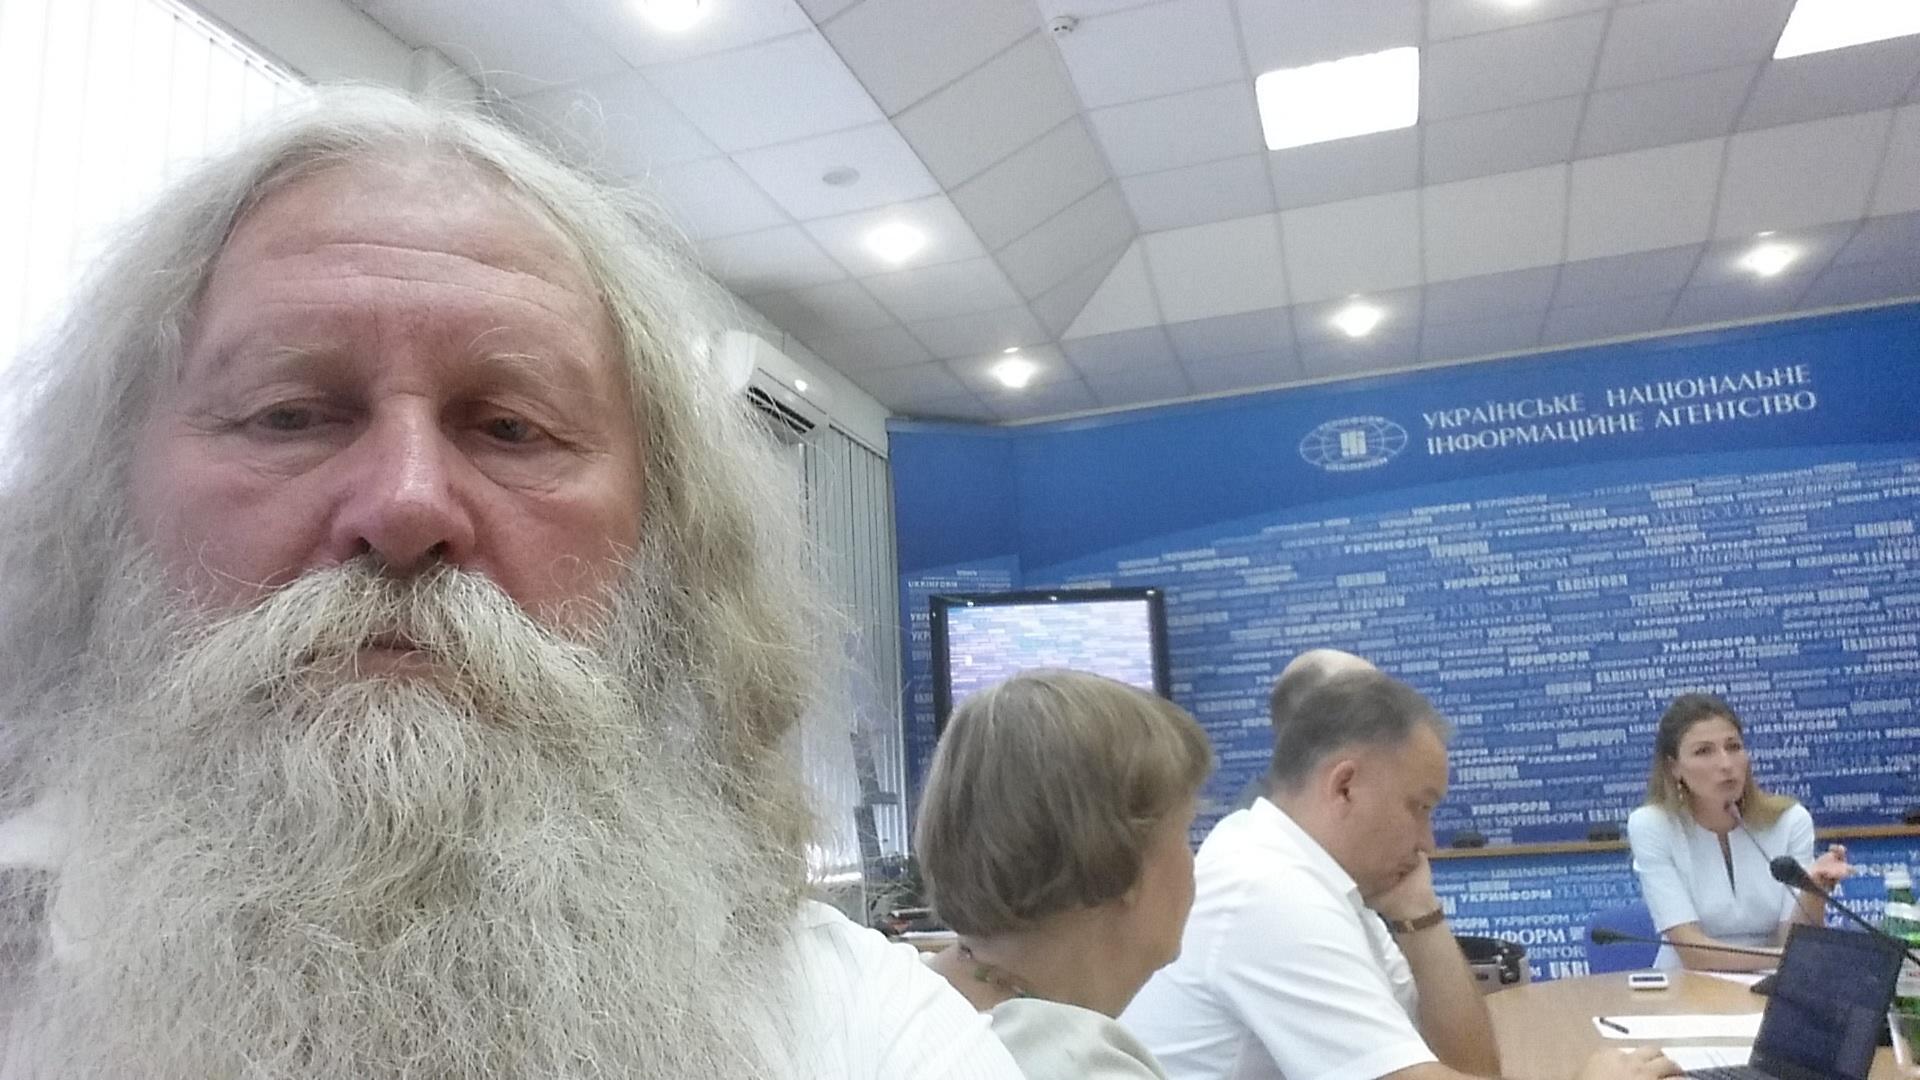 Swoimi doświadczeniami z przekraczania granic i cennymi praktycznymi wskazówkami dzieli się Wiaczesław Lebiediew, dziennikarz, członek karaimskiej społeczności Symferopola.